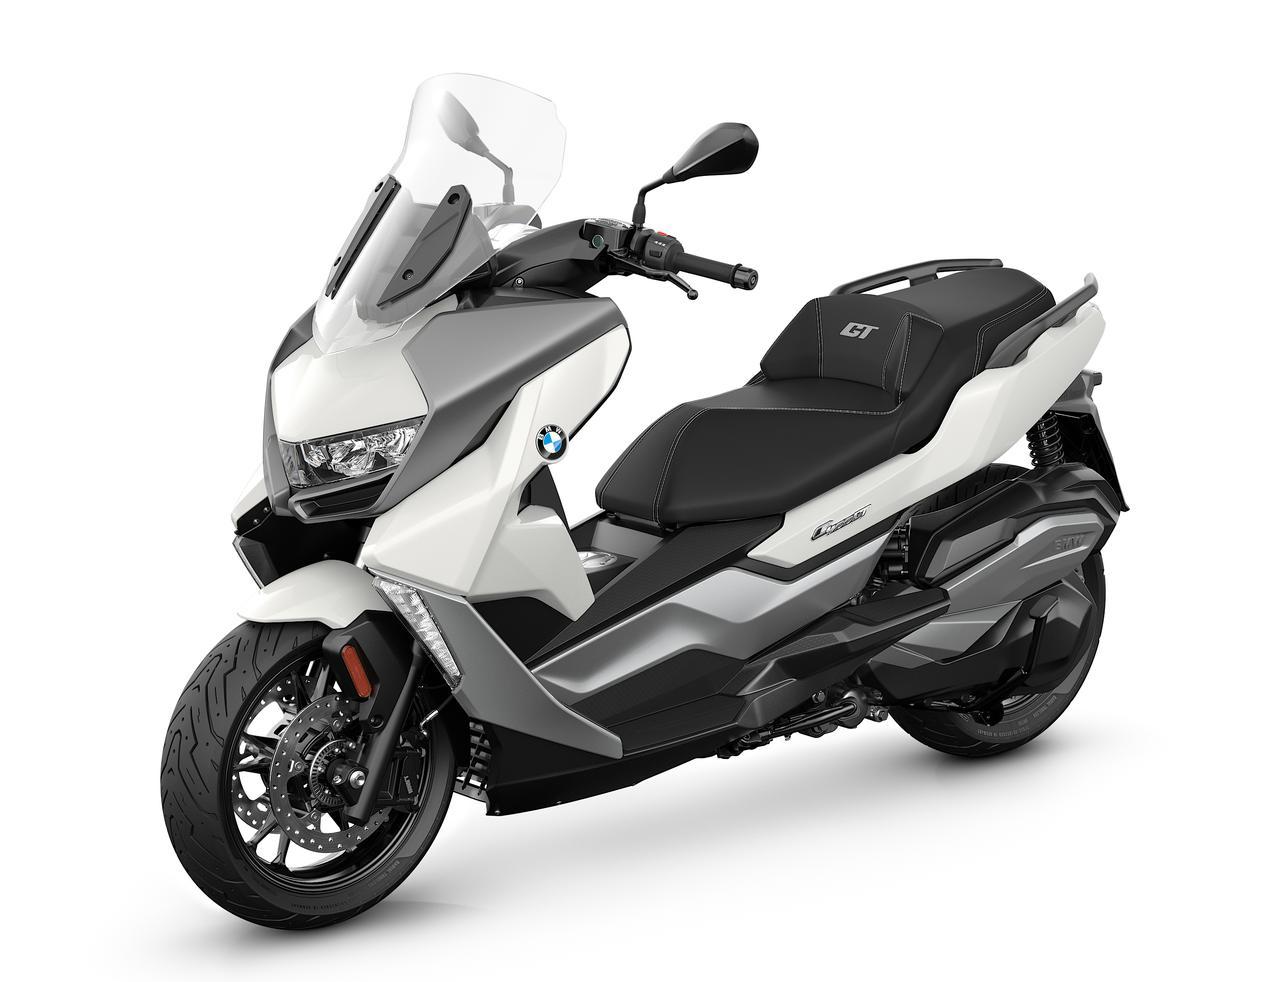 画像: BMW C 400 GT 2021年モデル 総排気量:350cc エンジン形式:水冷4ストOHC4バルブ単気筒 シート高:775mm 車両重量:214kg 発売日:2021年7月16日(金) 税込価格:93万円~